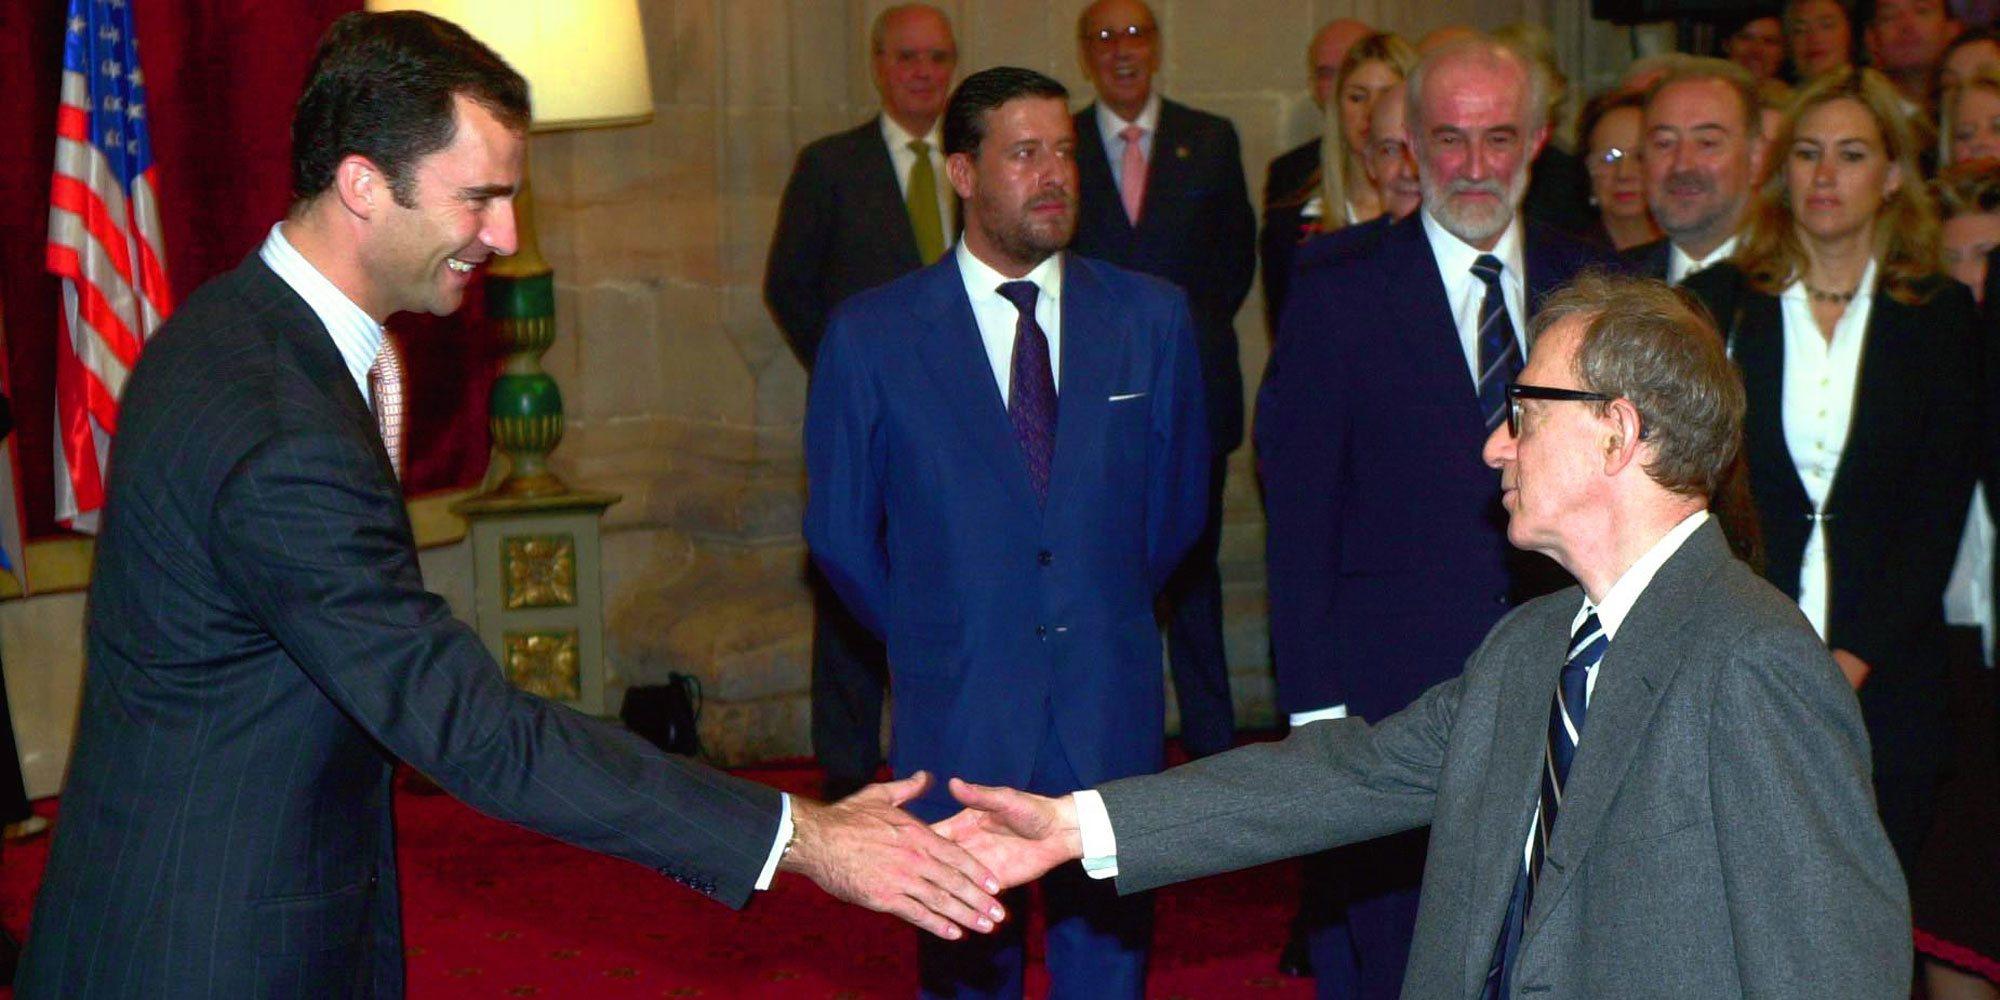 Woody Allen desvela su relación con el Rey Felipe tras conocerse en los Premios Príncipe de Asturias 2002